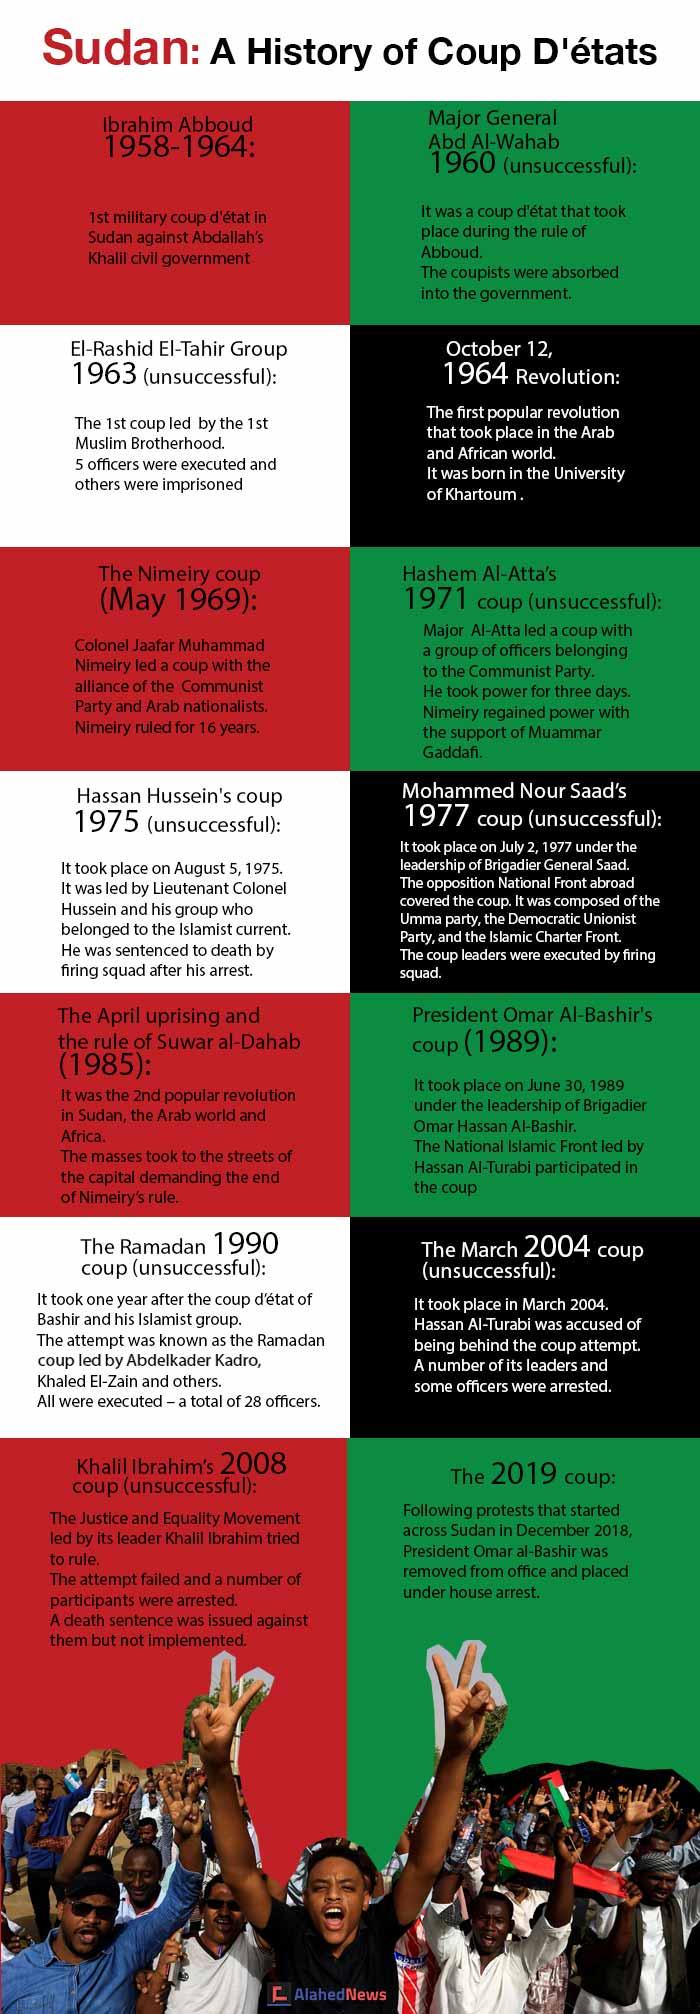 Sudan: A History of Coup D'états